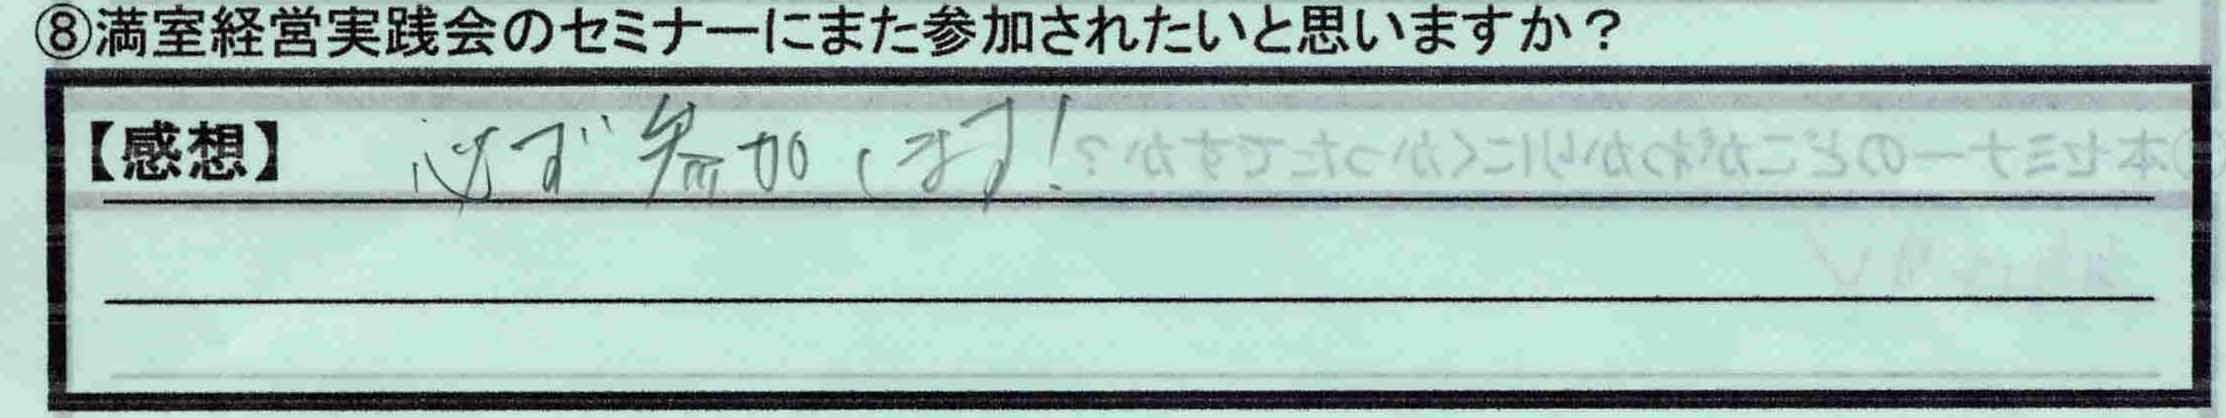 東京都本間繁さん